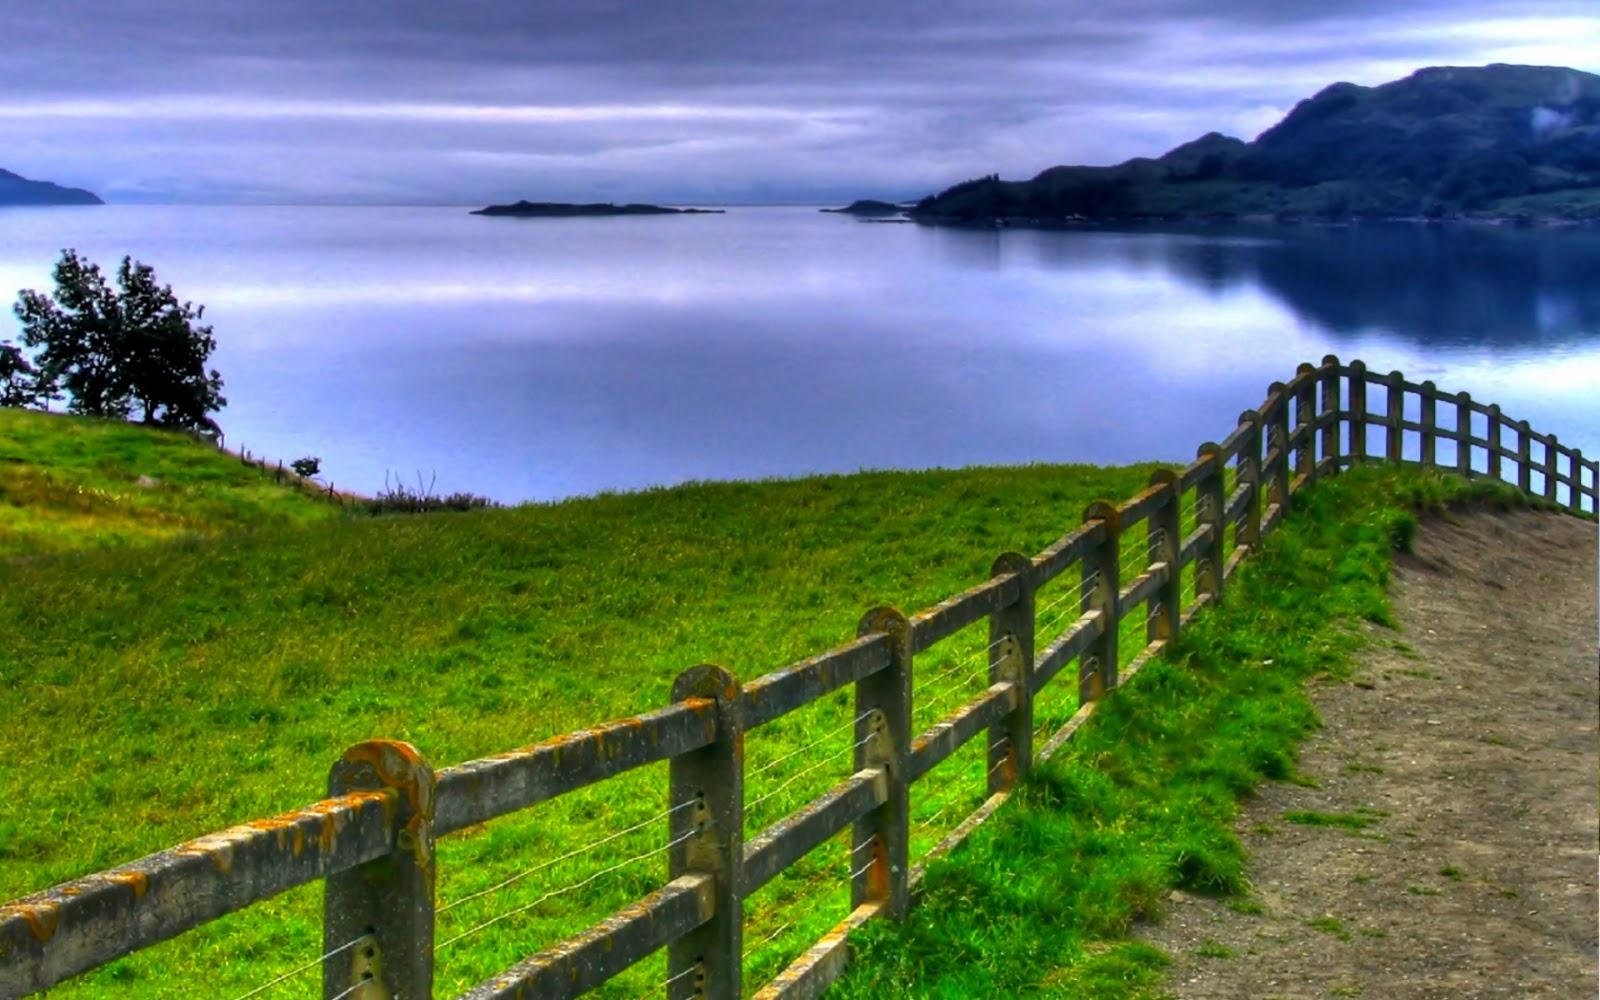 http://4.bp.blogspot.com/-yLo6BUWEJYs/TykYJGuHq7I/AAAAAAAAAyM/DhVt8HZkUEs/s1600/green_sea_view-wide.jpg